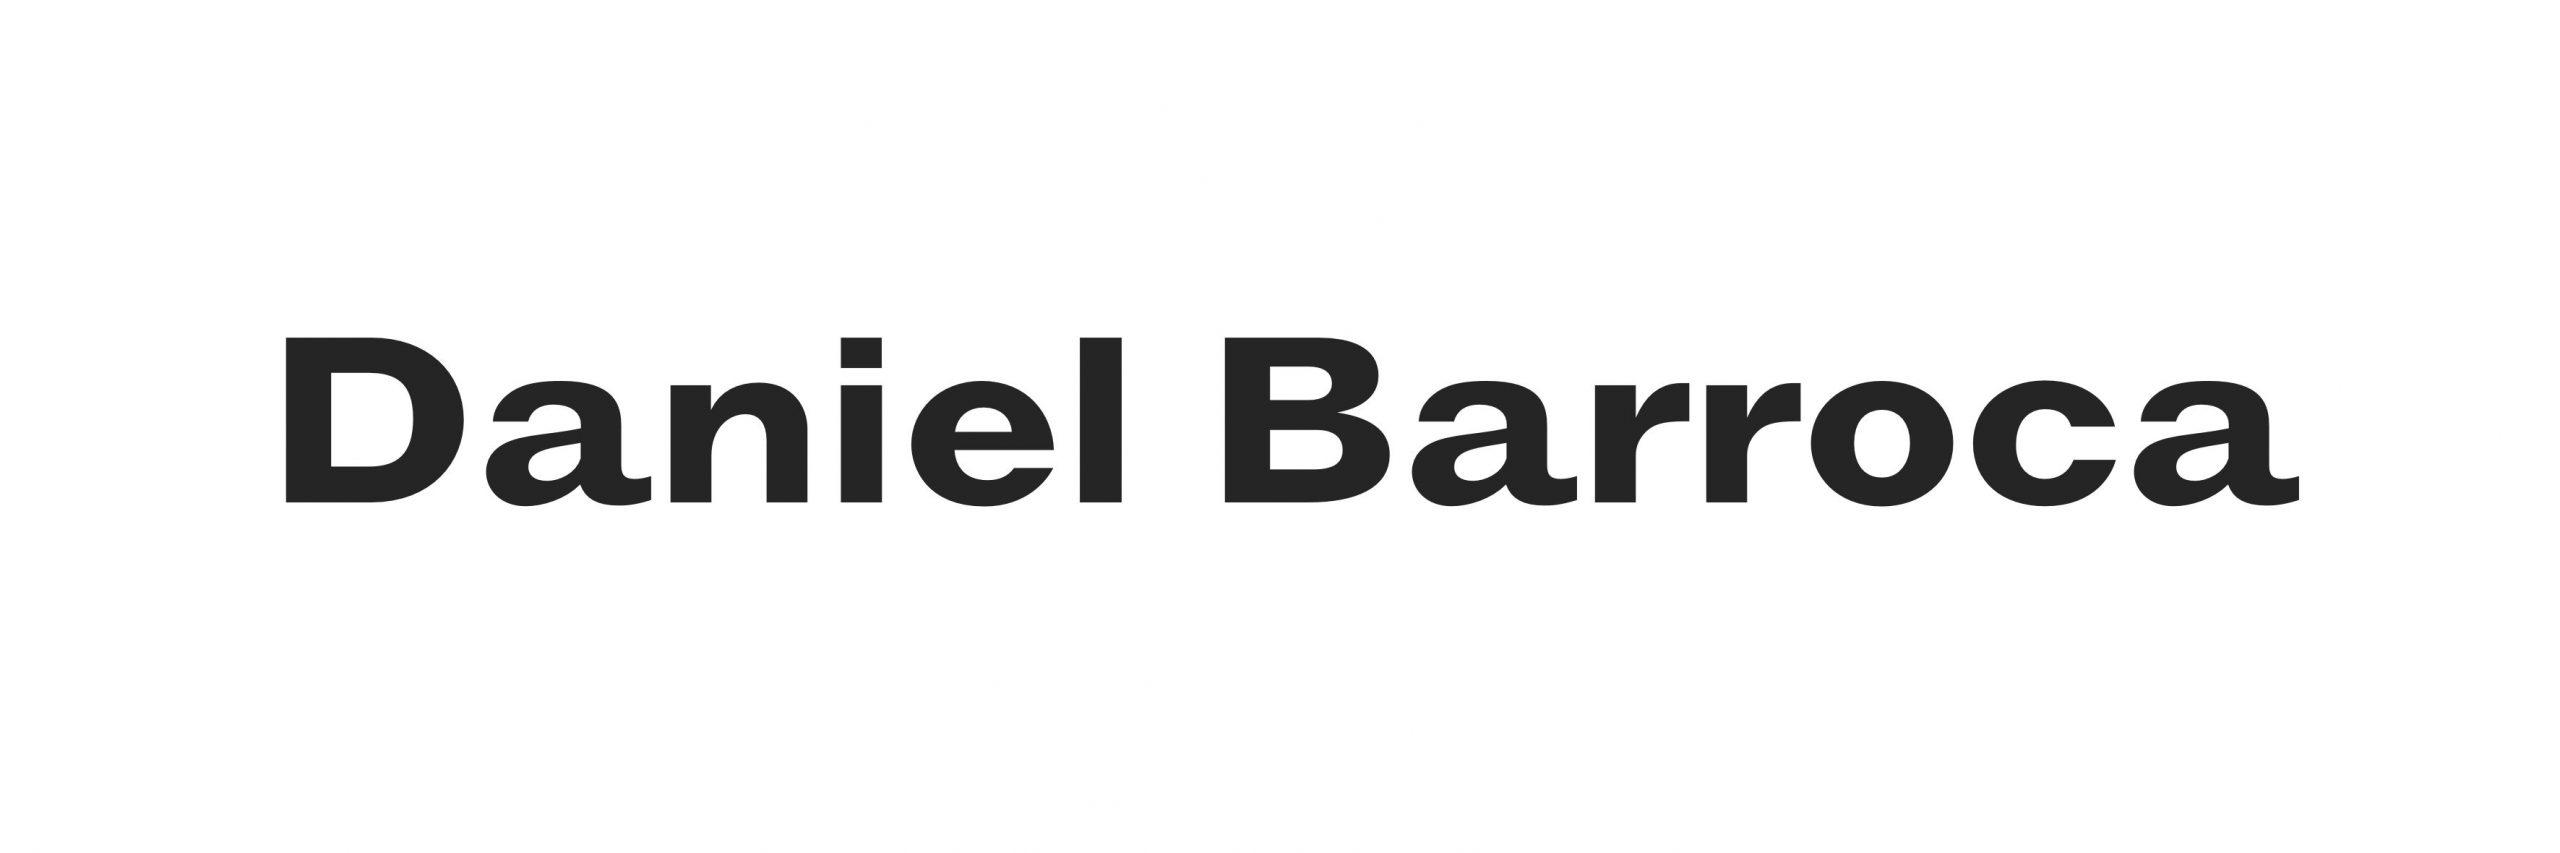 Daniel Barroca